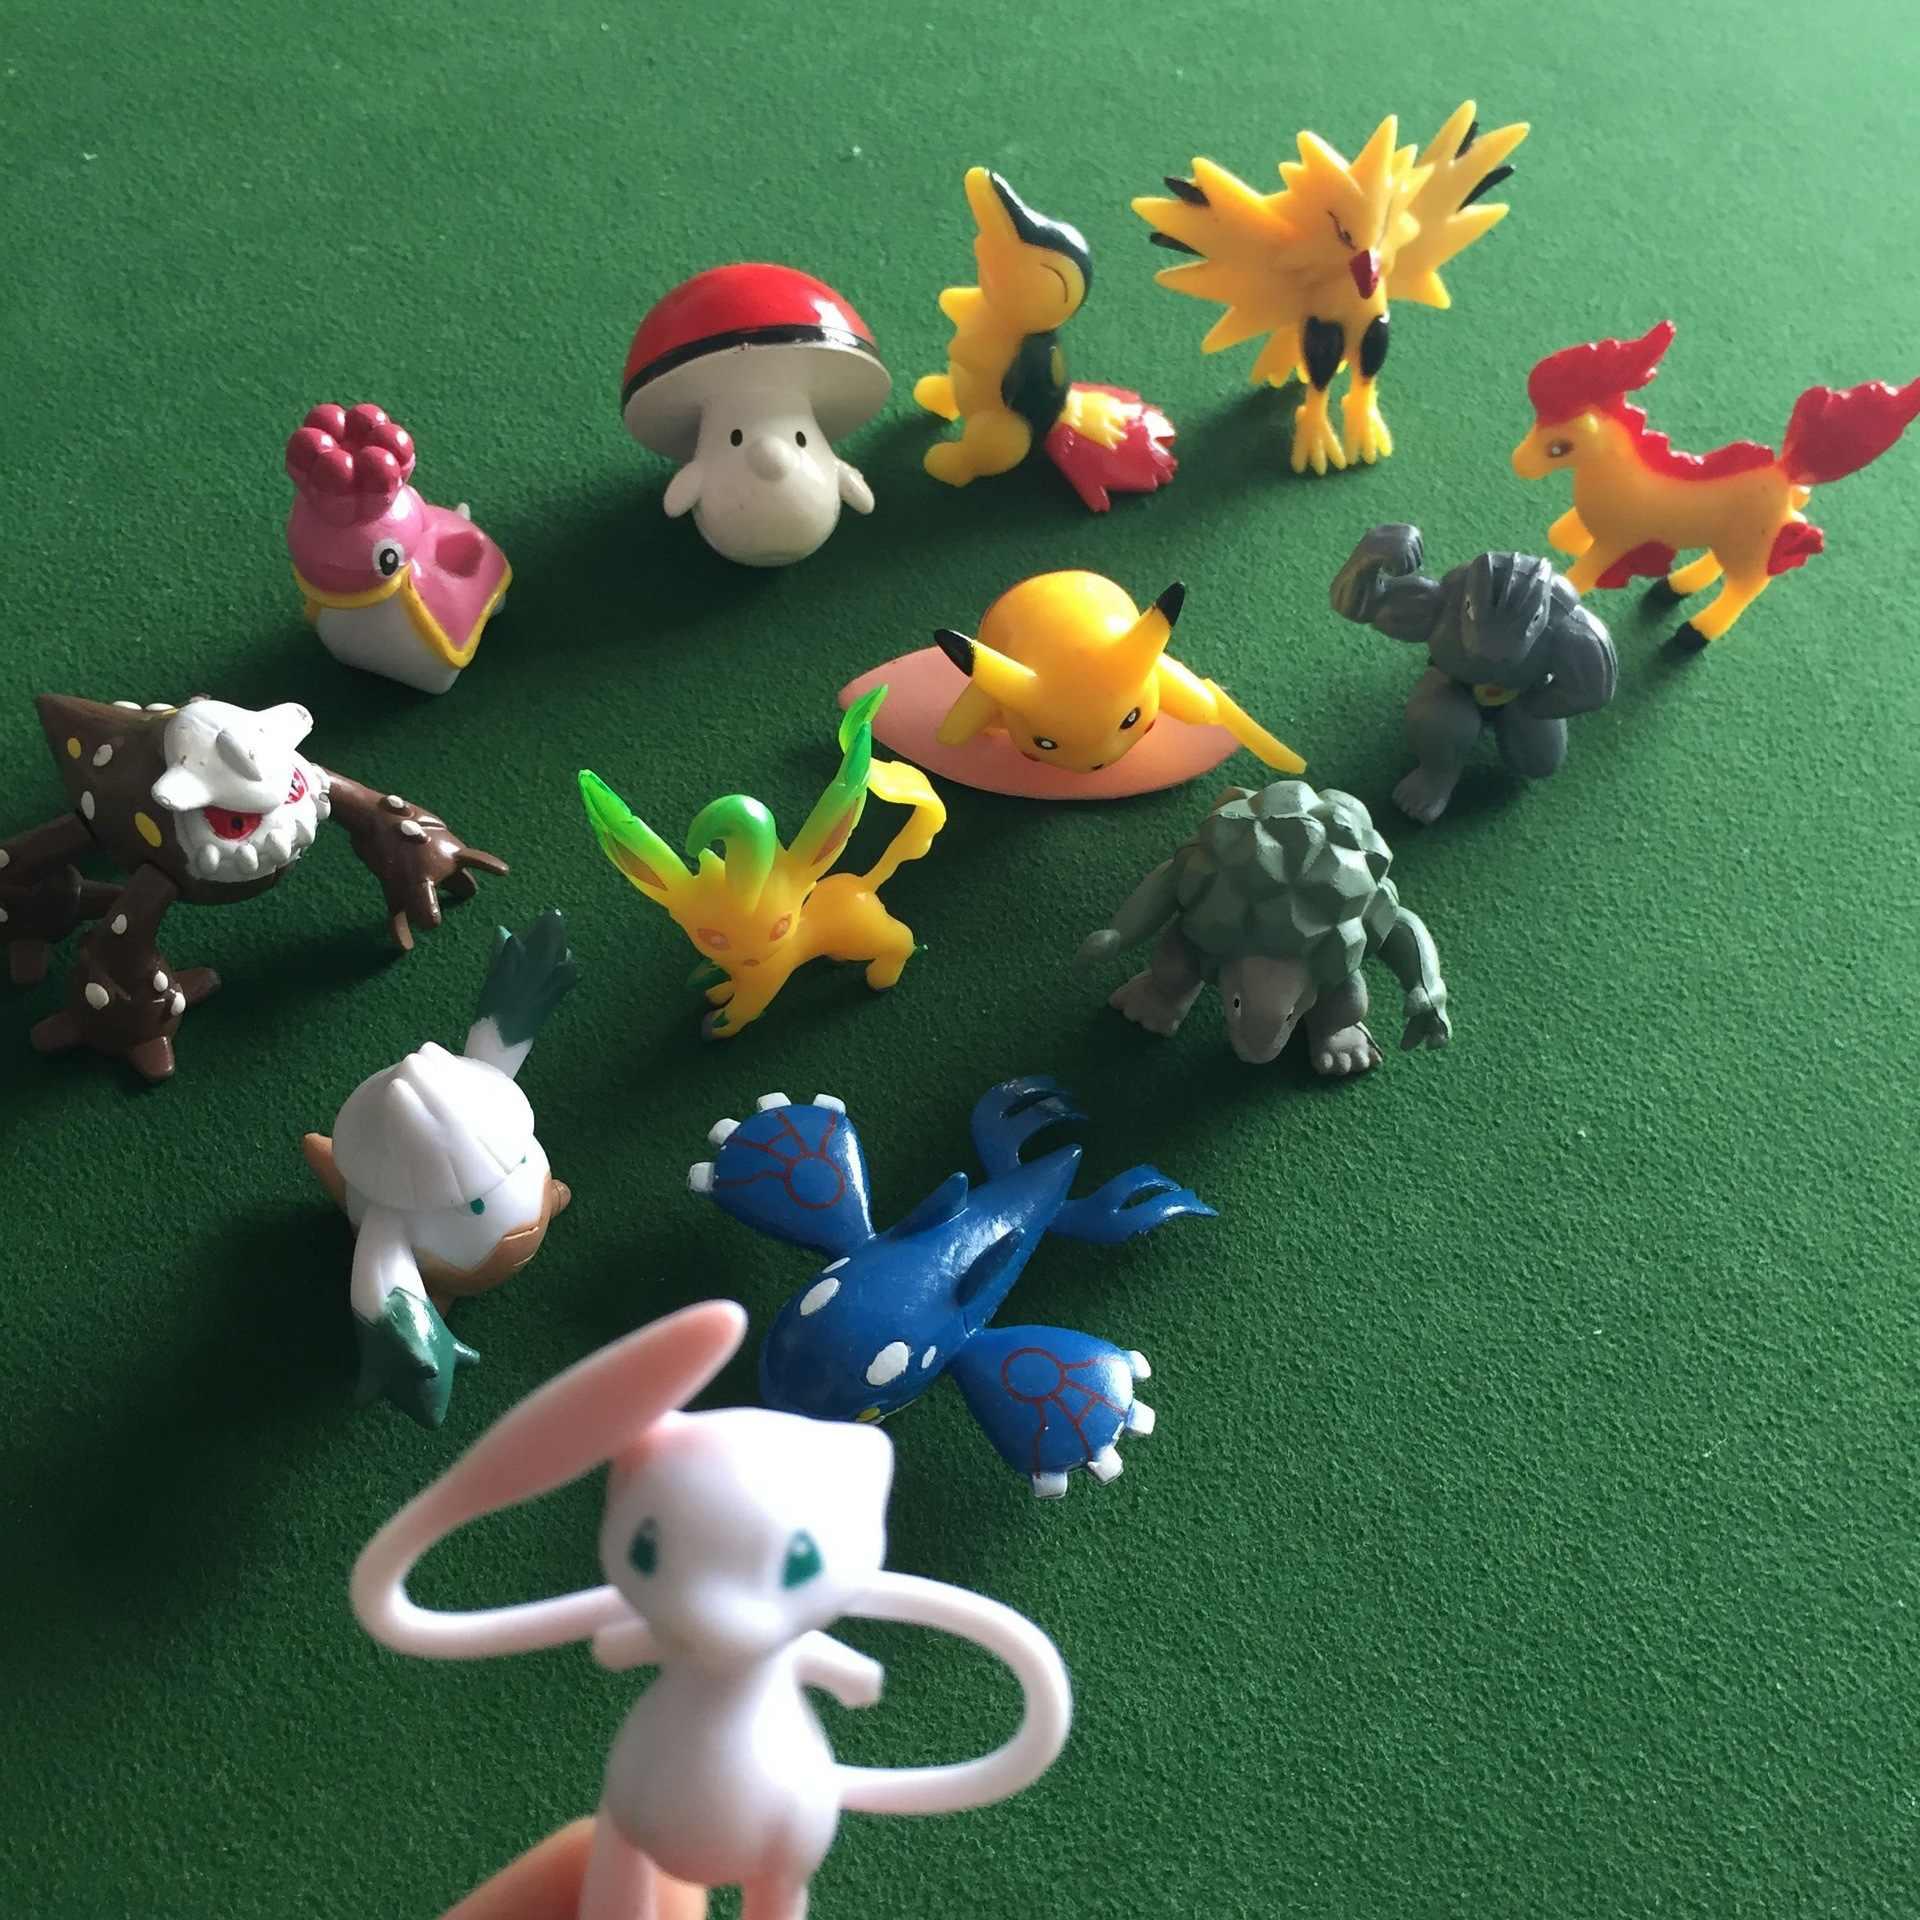 Anime Figura de Ação Brinquedos Magia Bolso Bola Brinquedos Modelo Para Coleção Crianças Brinquedos Crianças Presentes Pikachu Pokeball Monstro Boneca